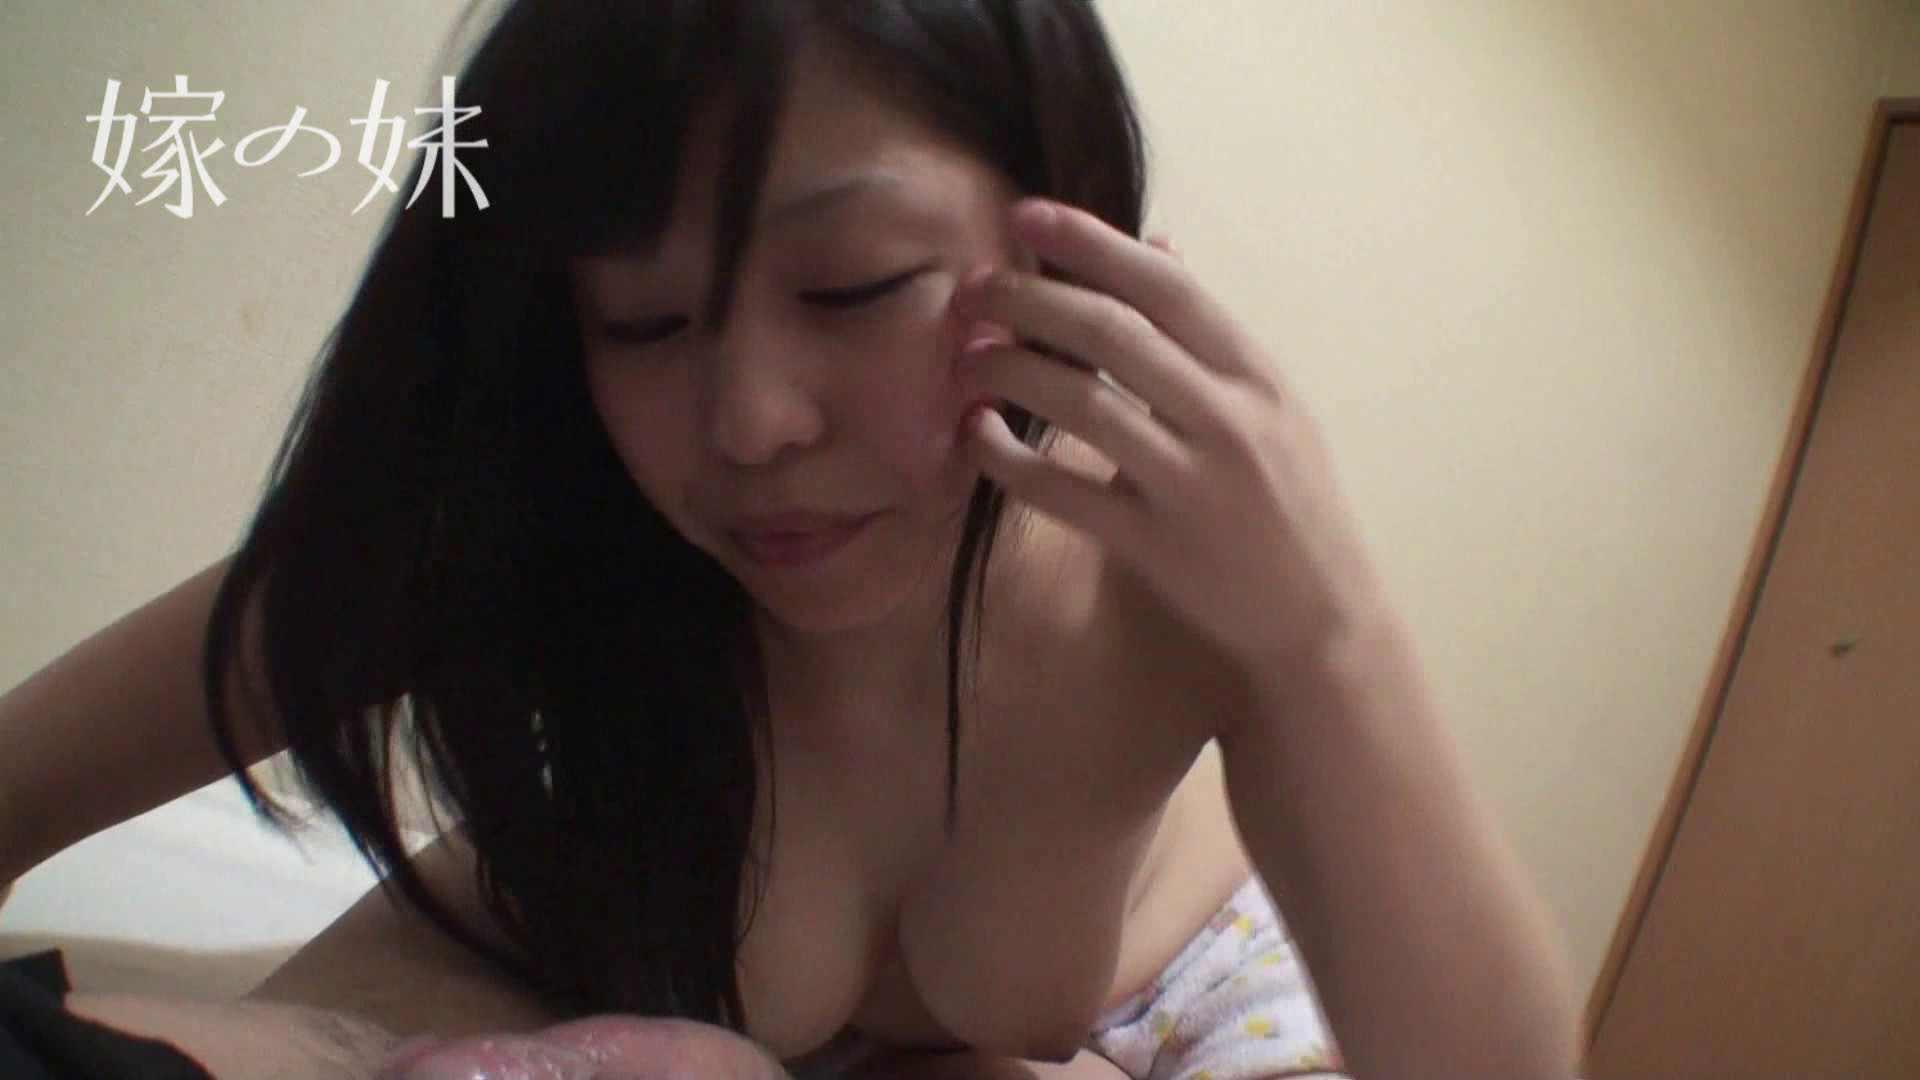 無料アダルト動画:居候中の嫁の妹 vol.2:大奥